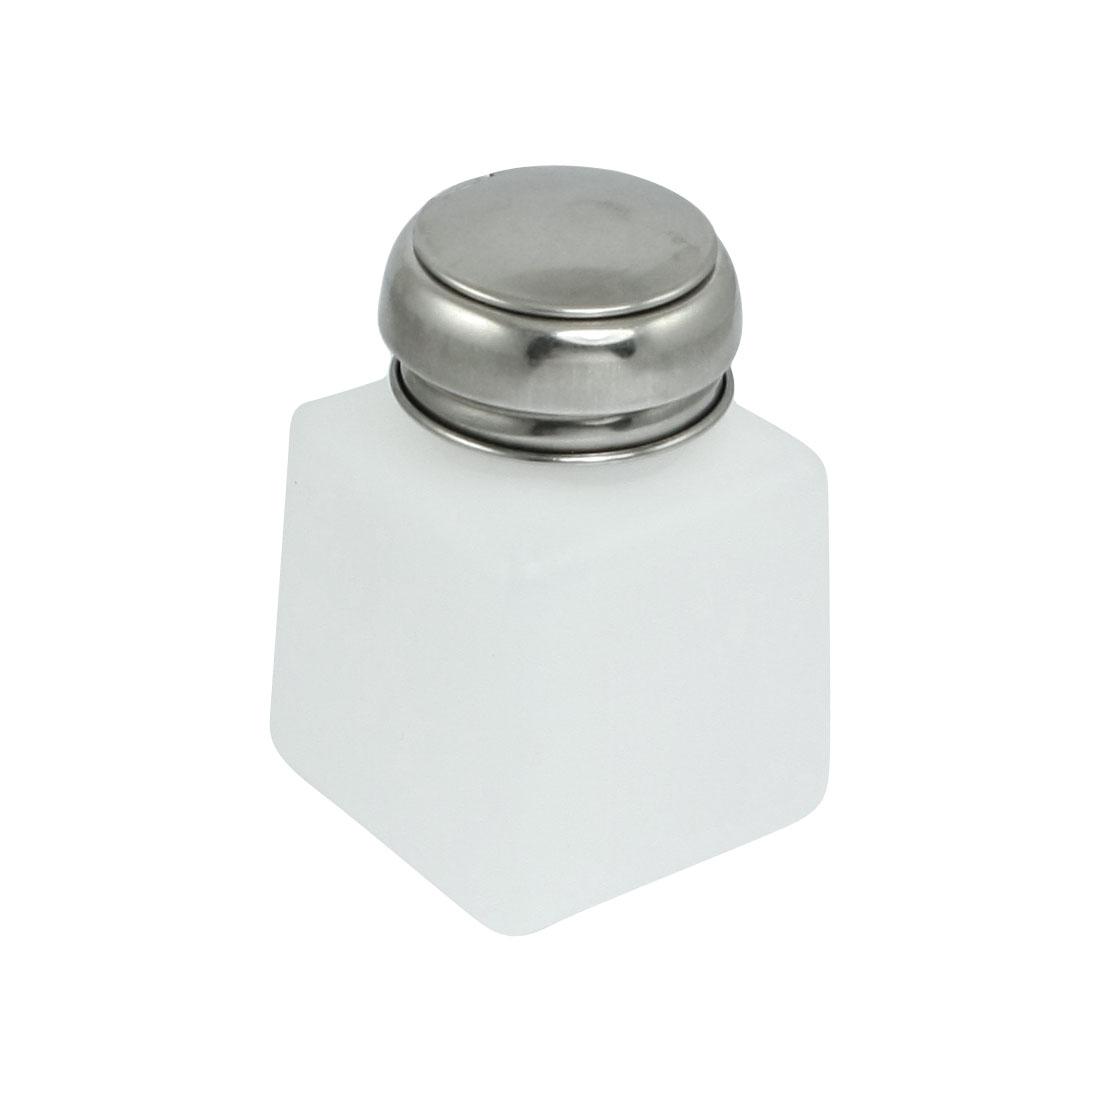 Metal Cap Liquid Container Alcohol Bottle 120ml White